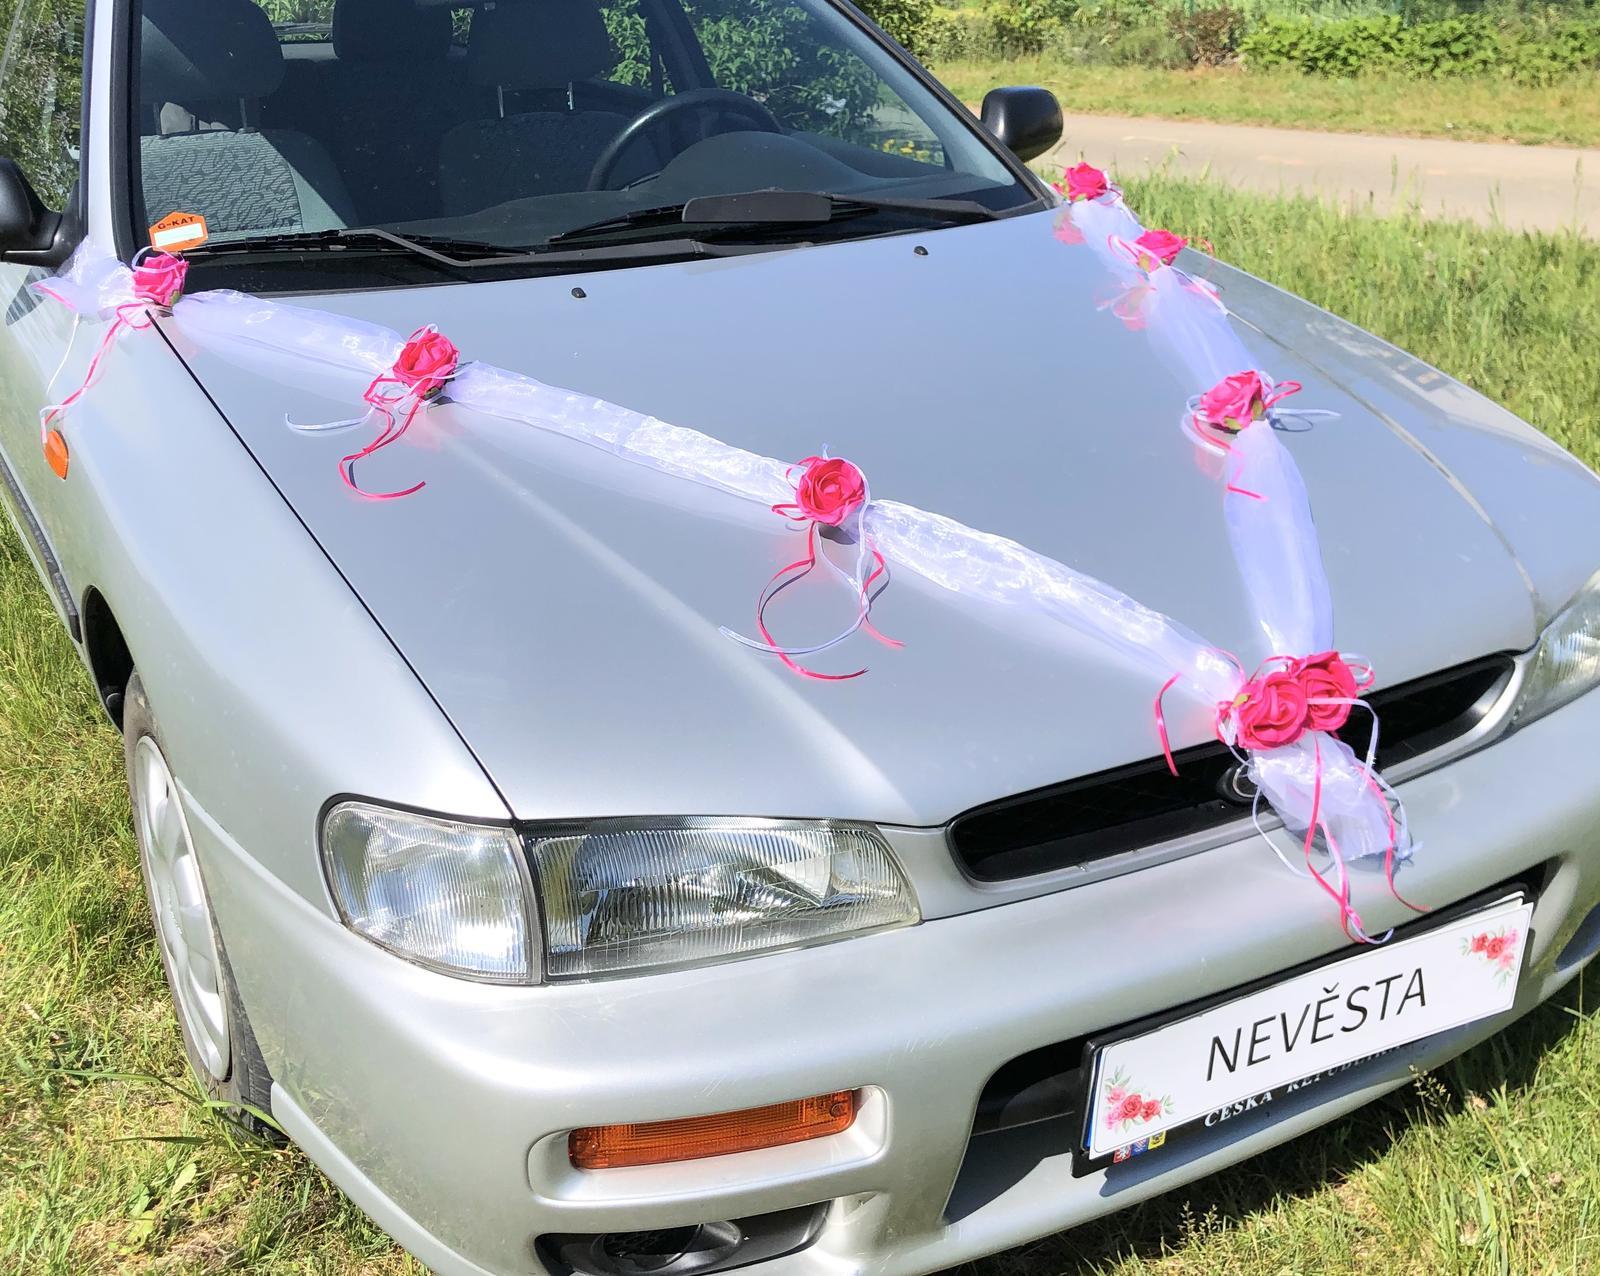 Šerpy na svatební auta - Obrázok č. 1